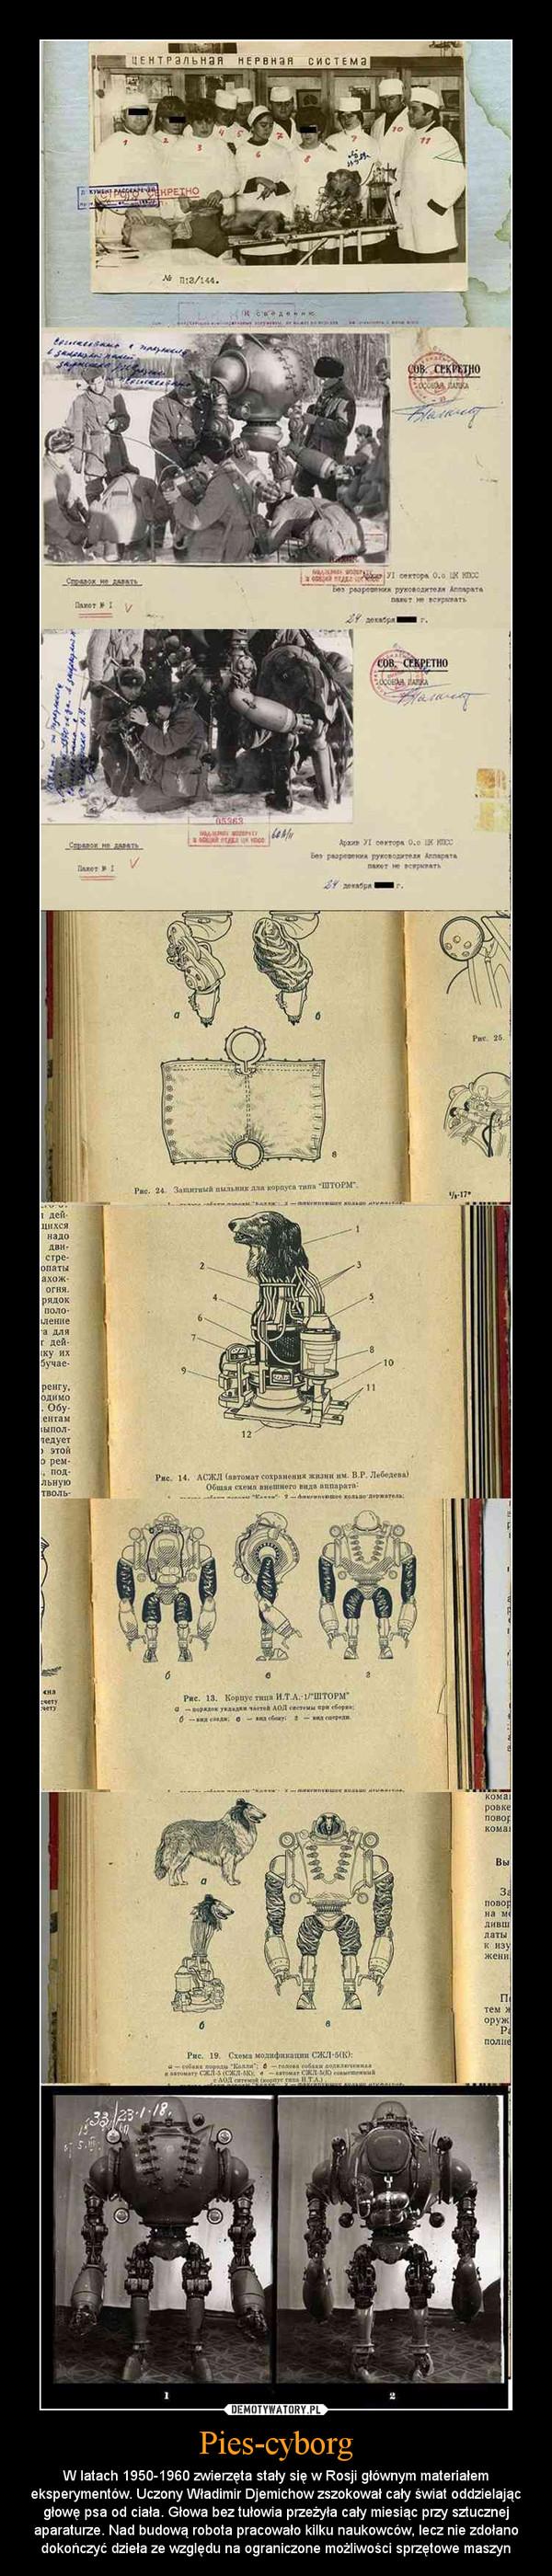 Pies-cyborg – W latach 1950-1960 zwierzęta stały się w Rosji głównym materiałem eksperymentów. Uczony Władimir Djemichow zszokował cały świat oddzielając głowę psa od ciała. Głowa bez tułowia przeżyła cały miesiąc przy sztucznej aparaturze. Nad budową robota pracowało kilku naukowców, lecz nie zdołano dokończyć dzieła ze względu na ograniczone możliwości sprzętowe maszyn